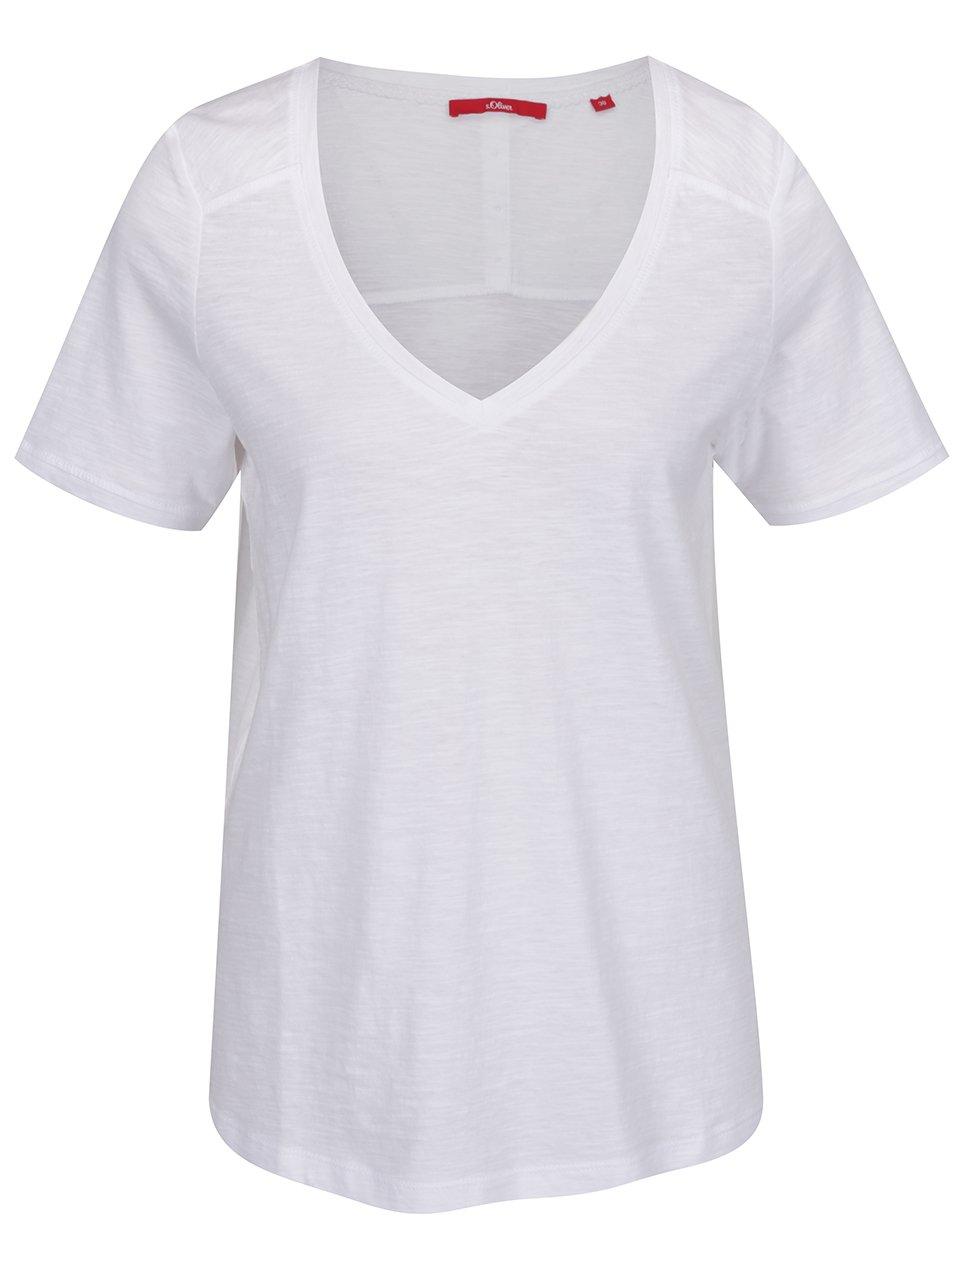 Bílé dámské tričko s knoflíky na zádech s.Oliver